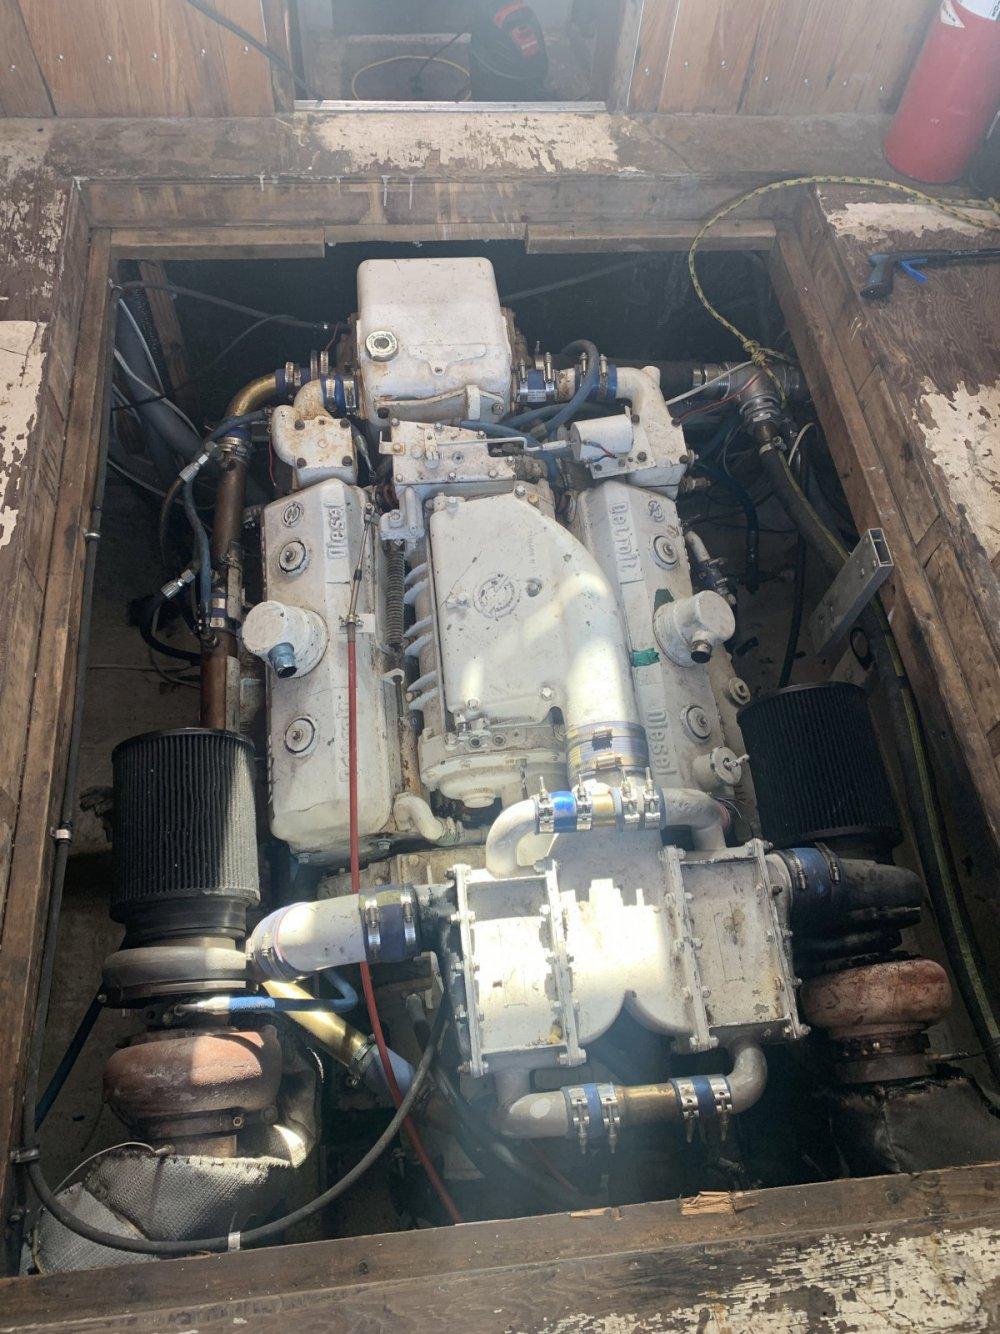 5EFB562D-E9B9-40E8-85B0-02E2DA58EFED.jpeg